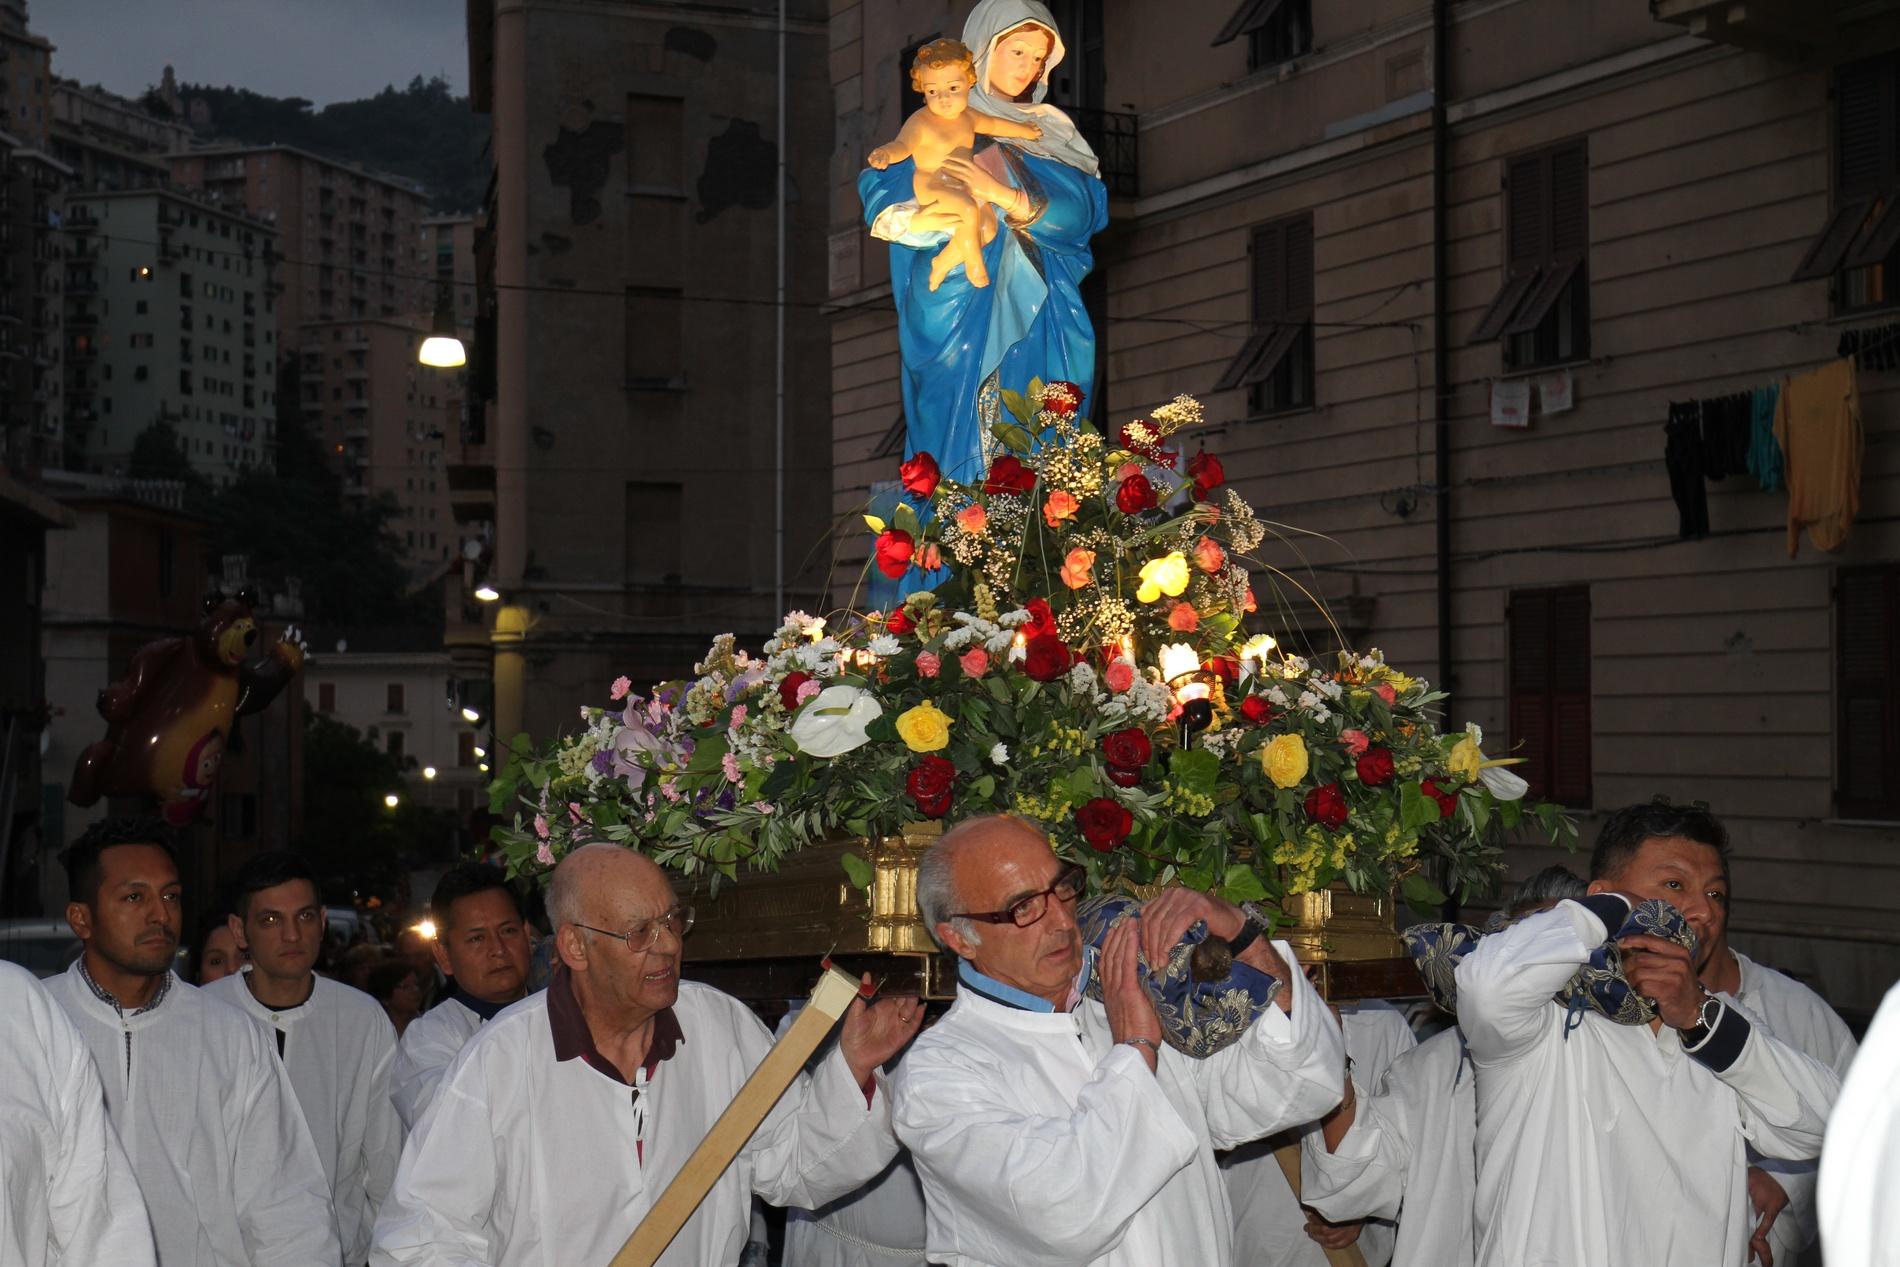 processione-madonna-2015-05-31-21-07-04